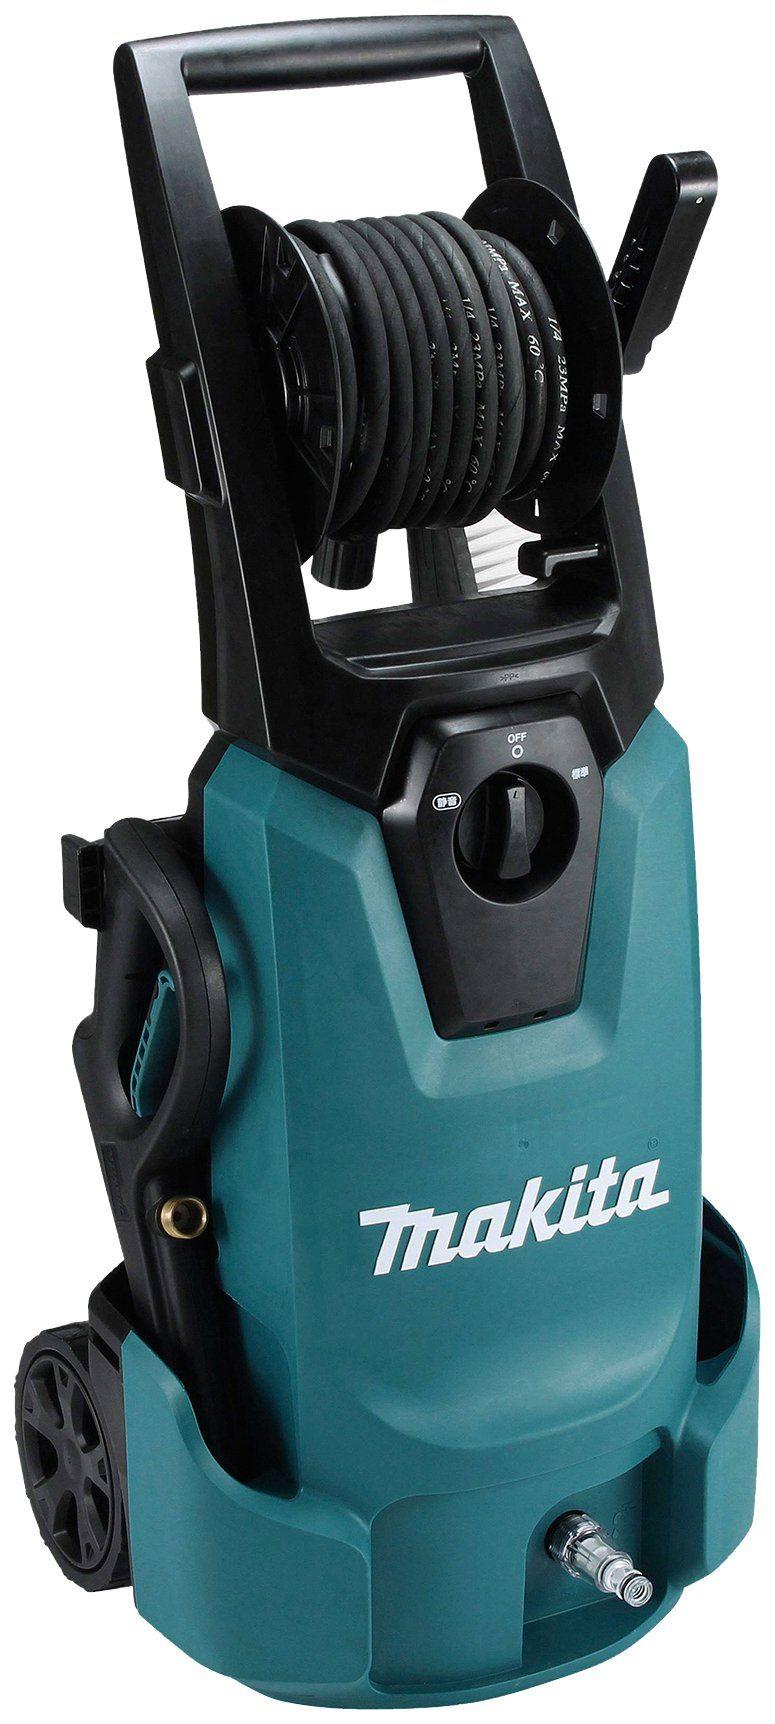 MAKITA Hochdruckreiniger »HW1300«, 130 bar, integrierte Schlauchtrommel, IPX5 Schutzisolierung